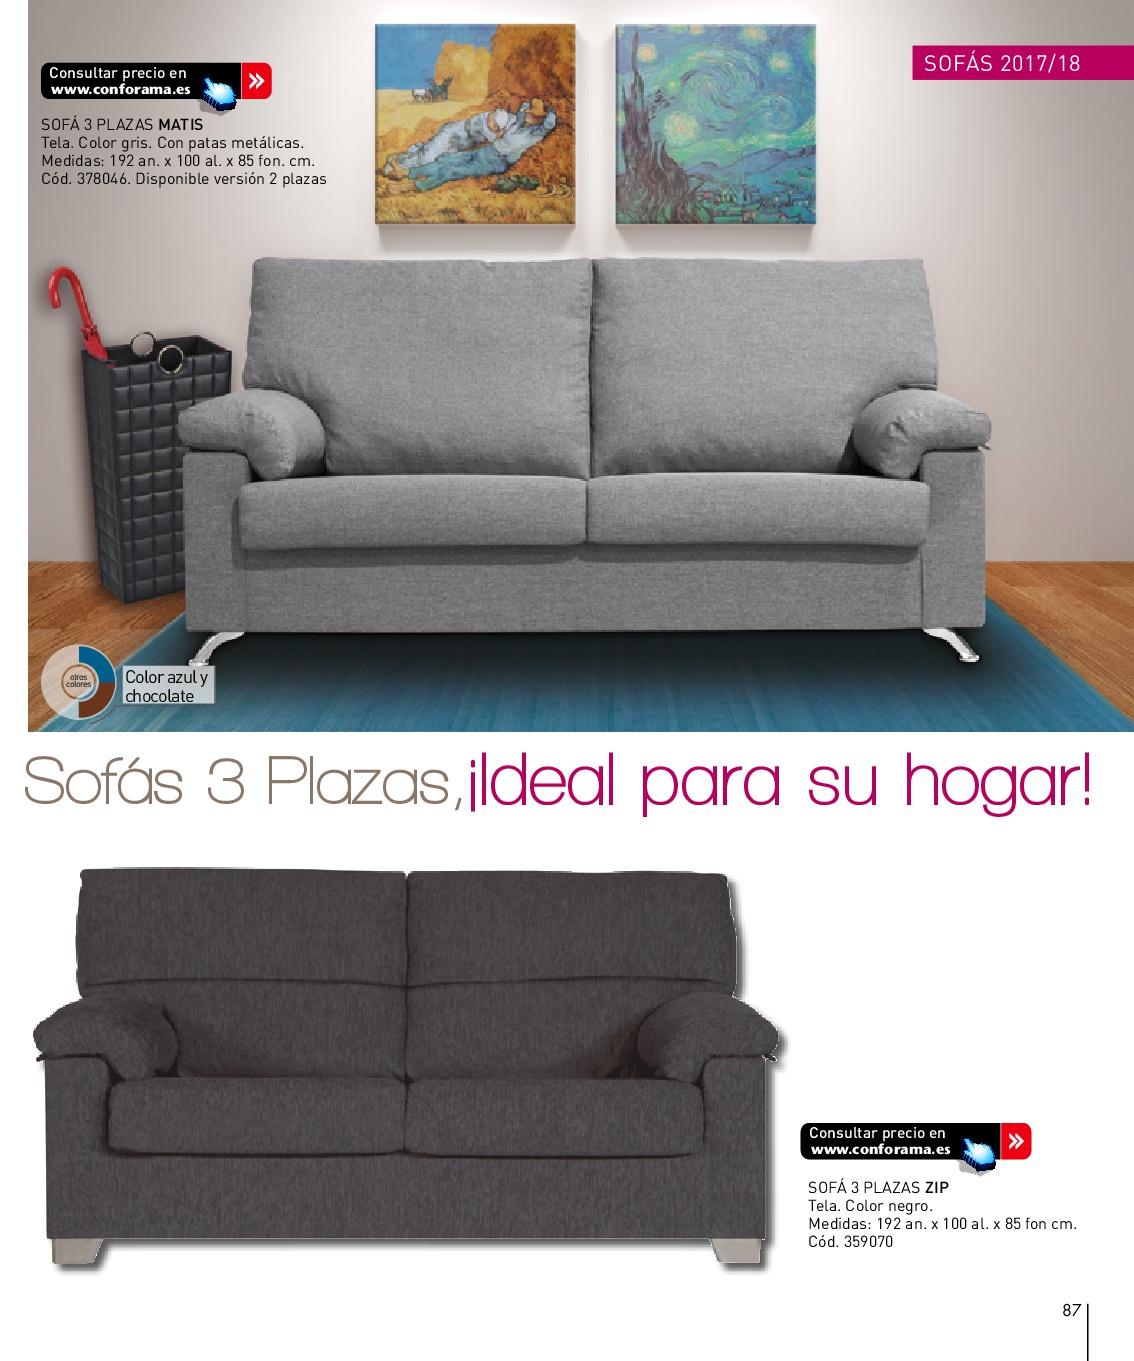 Sofas dos plazas conforama top page with sofas dos plazas for Sofa cama una plaza conforama